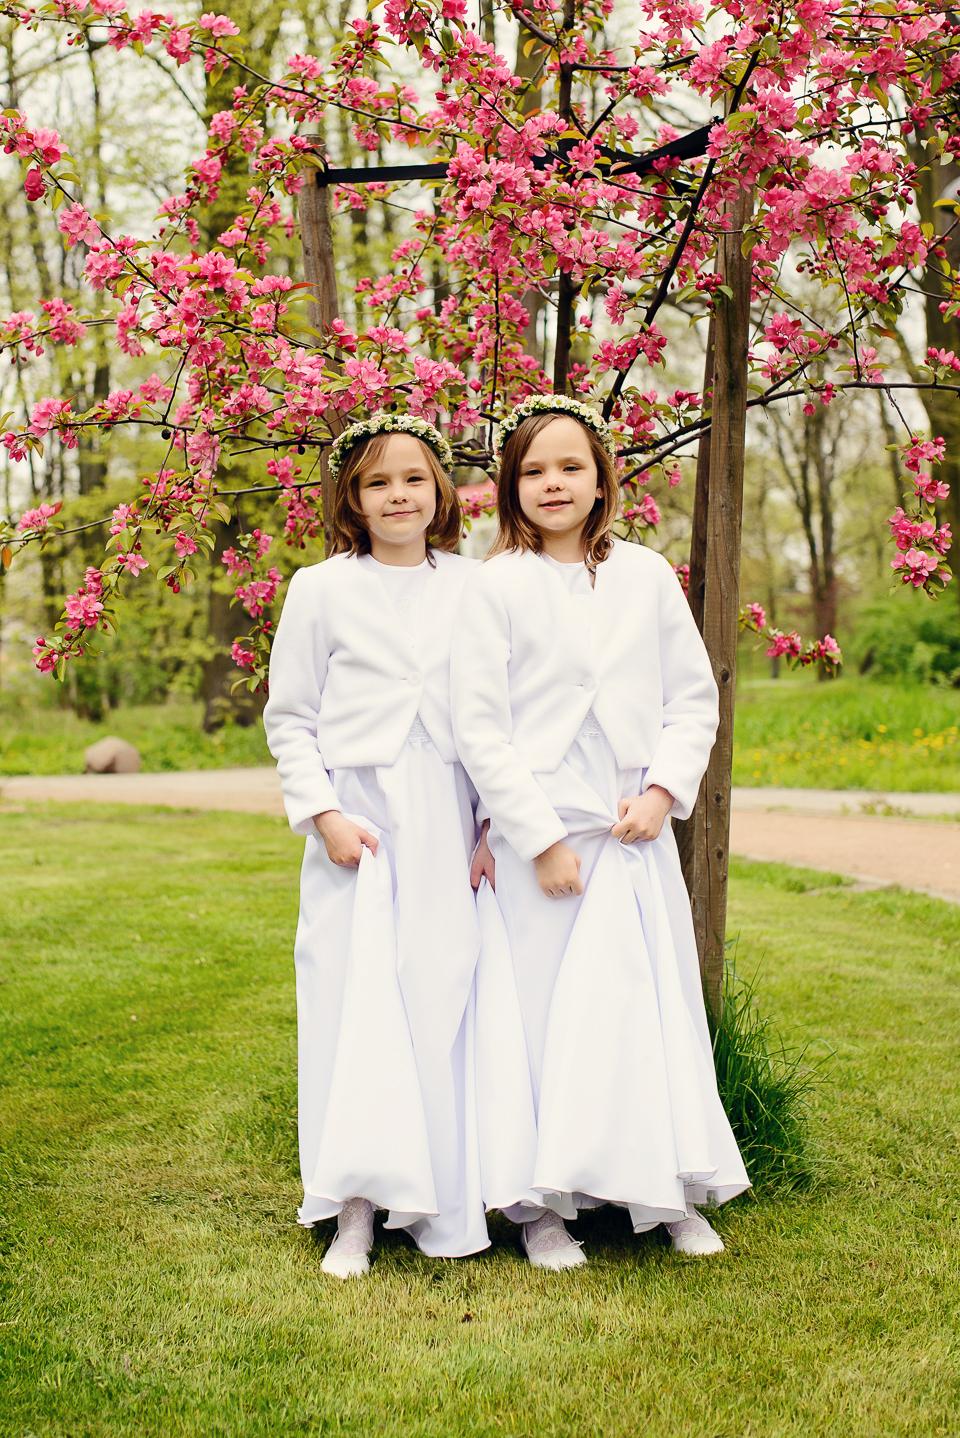 pierwsza komunia siostry Pierwsza Komunia sesja Niny i Leny